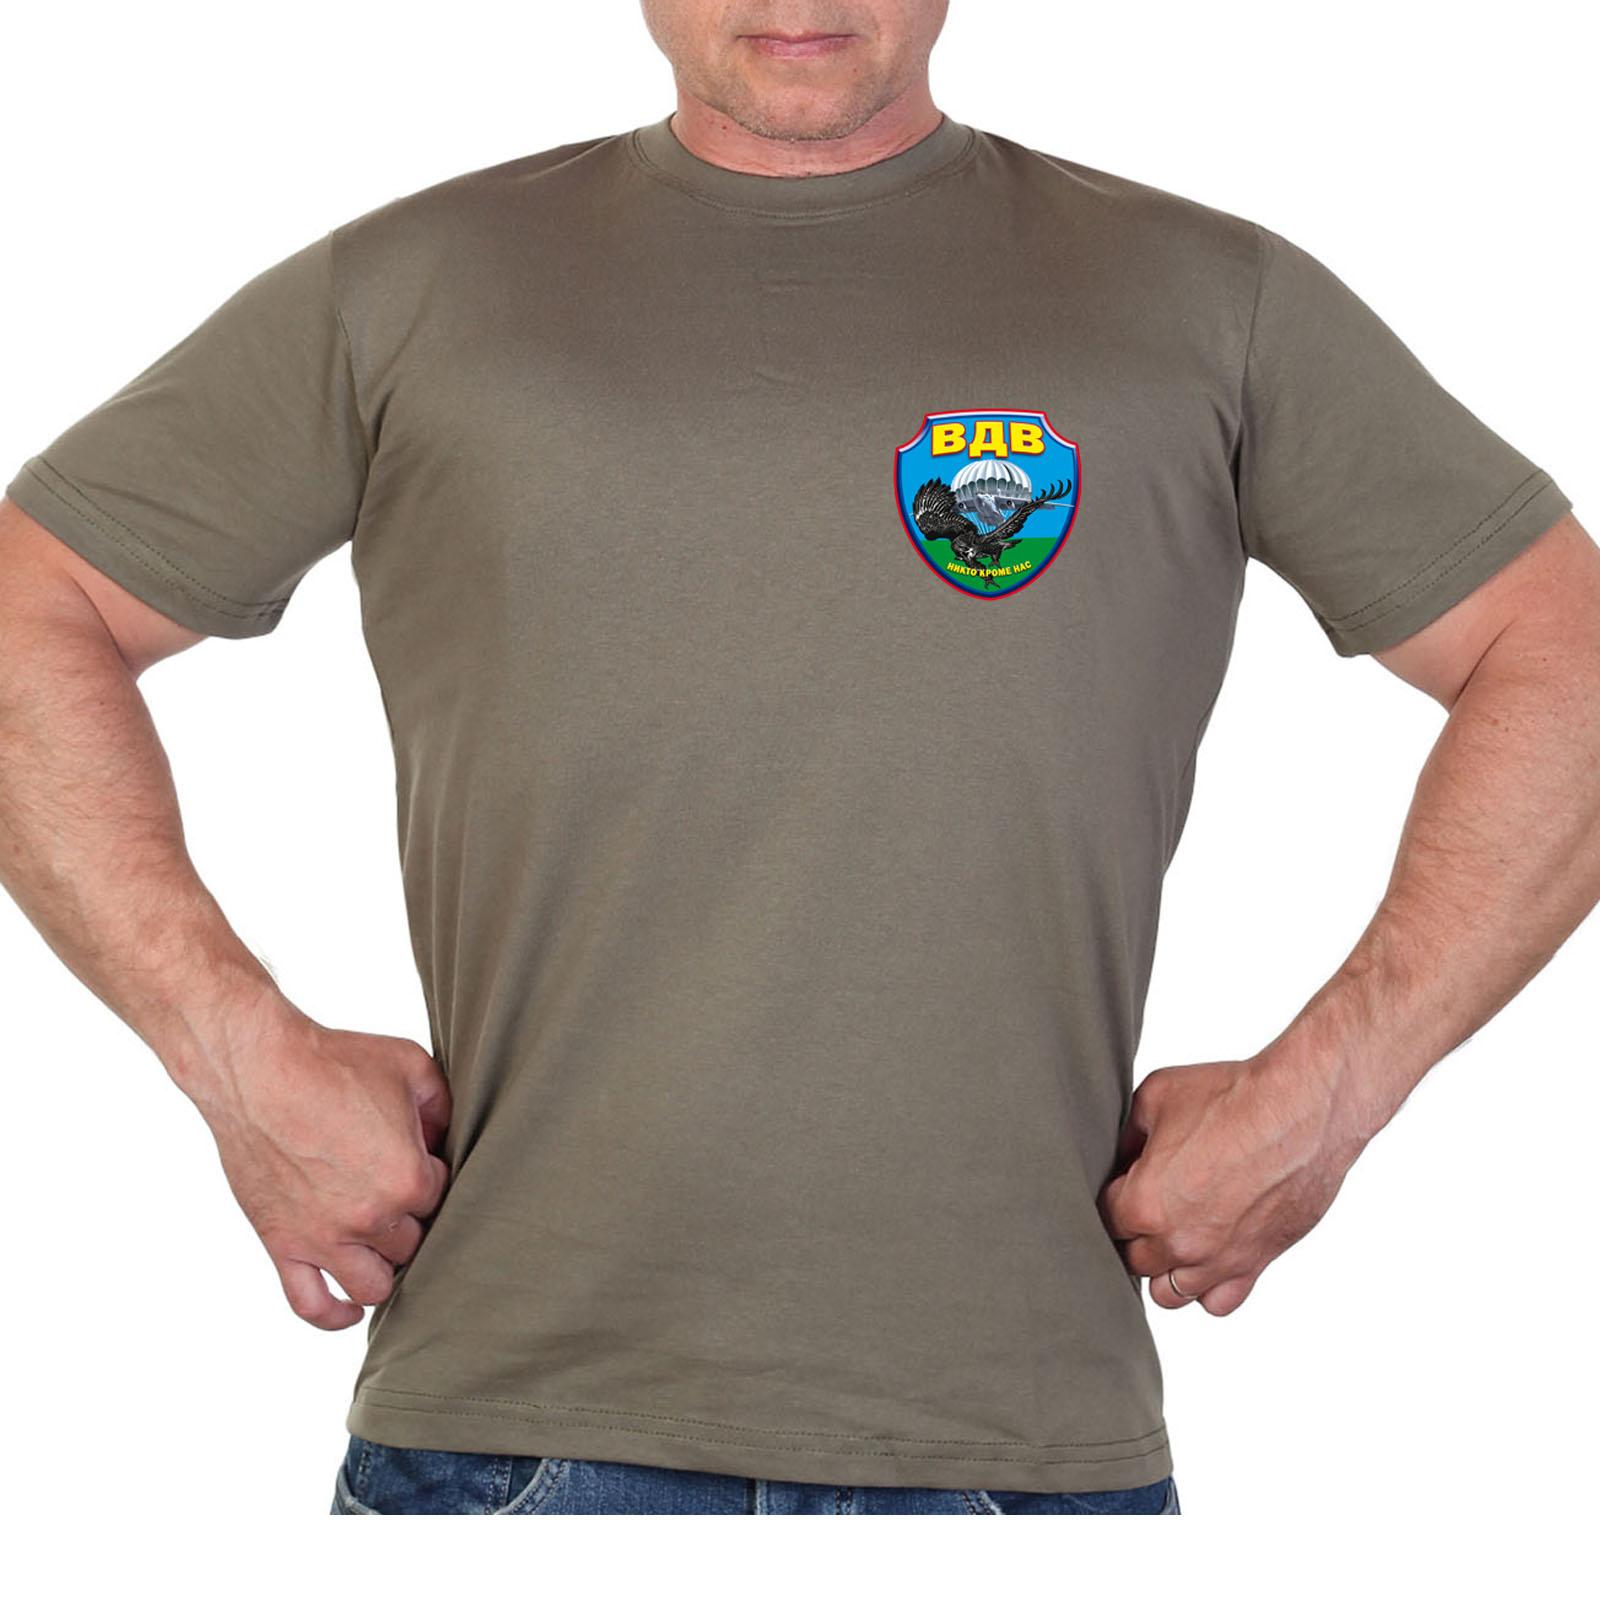 Оливковая футболка с термотрансфером Воздушно-десантных войск